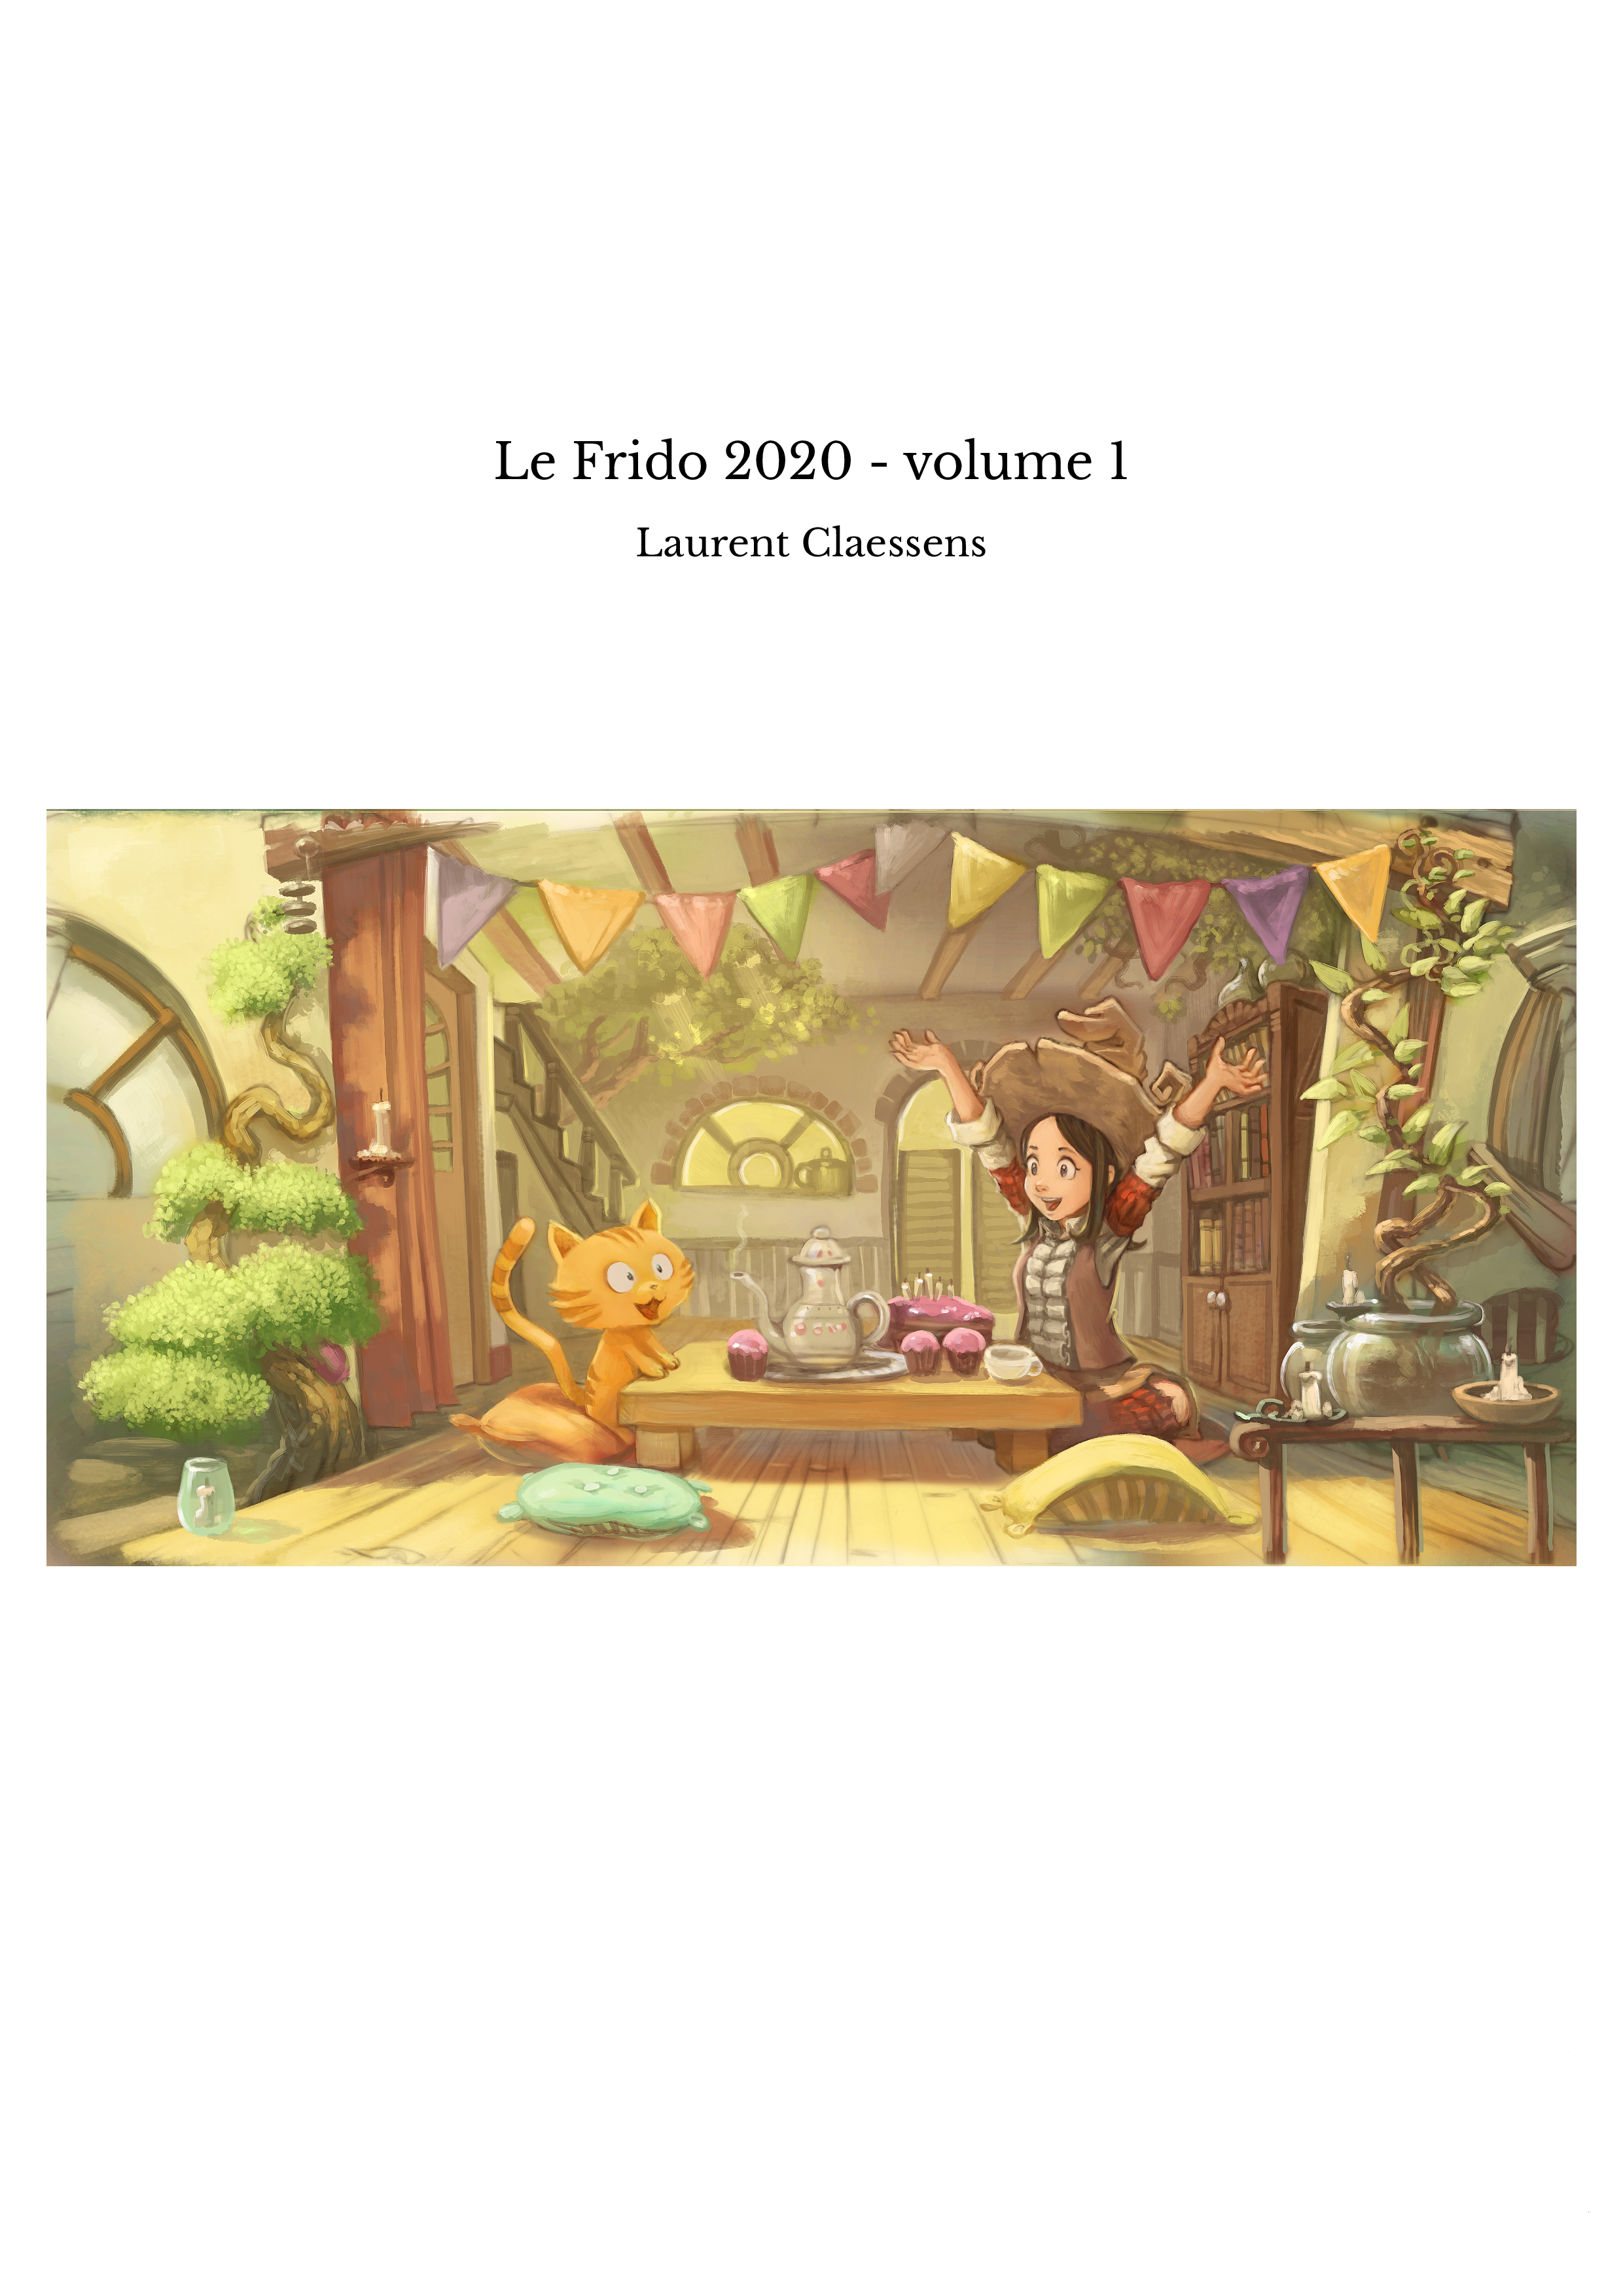 Le Frido 2020 - volume 1